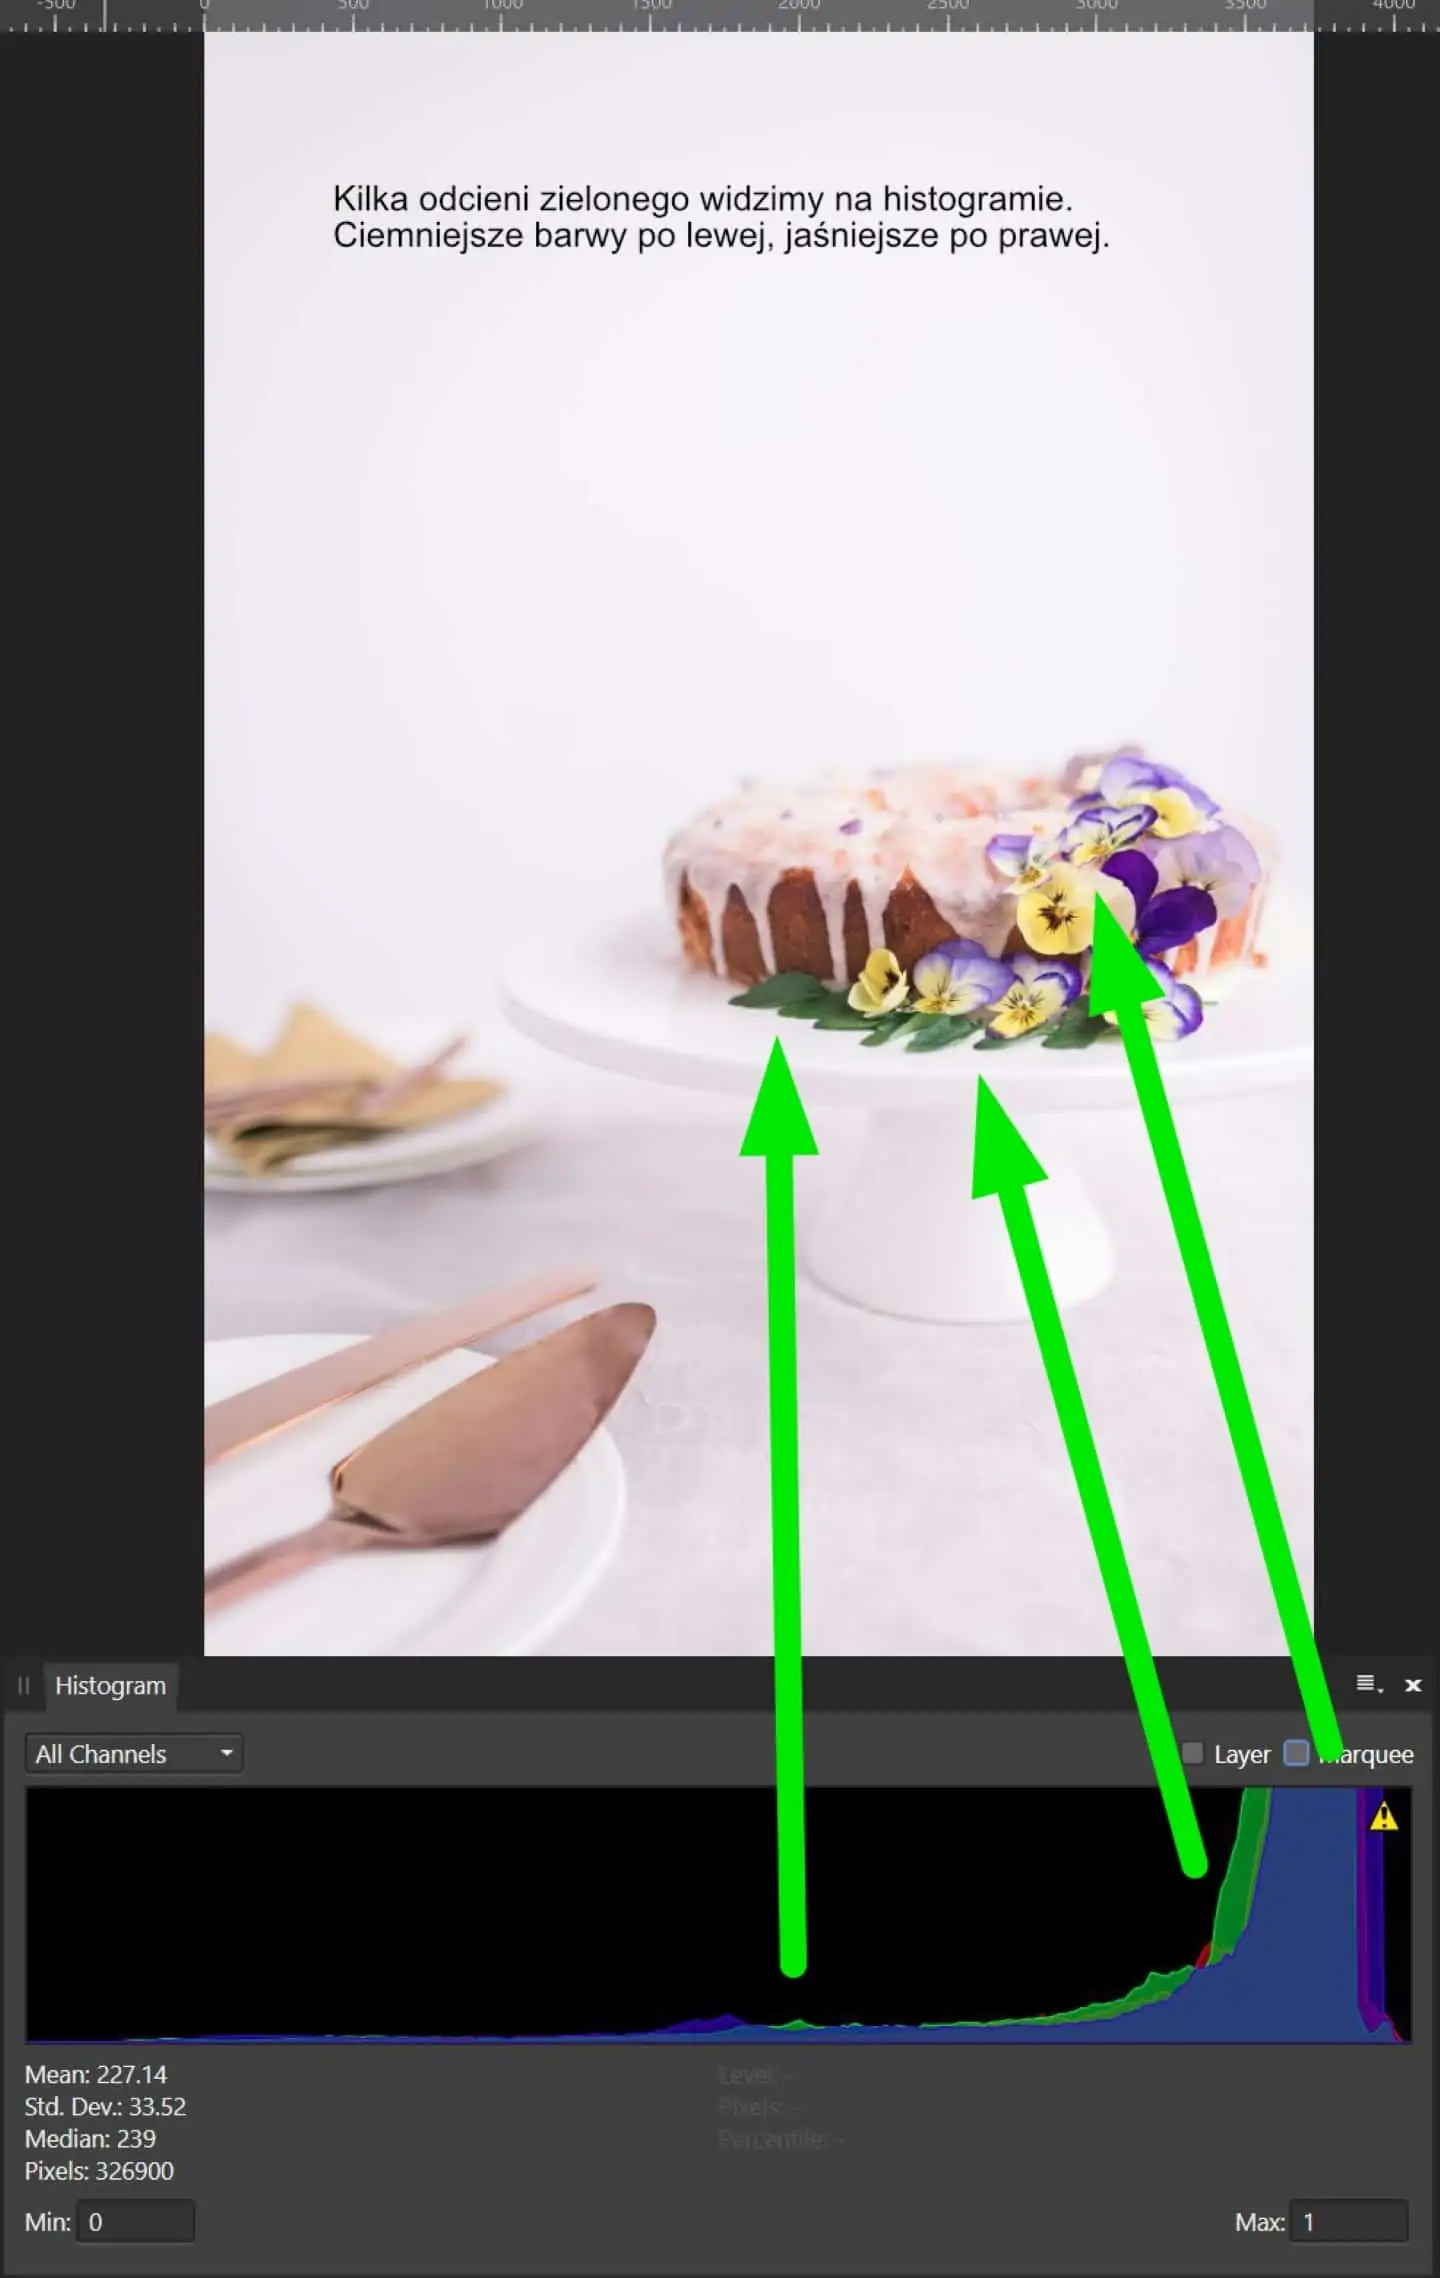 Biala fotografia produktowa - Białe zdjęcie - co to jest ? 8 odpowiedzi